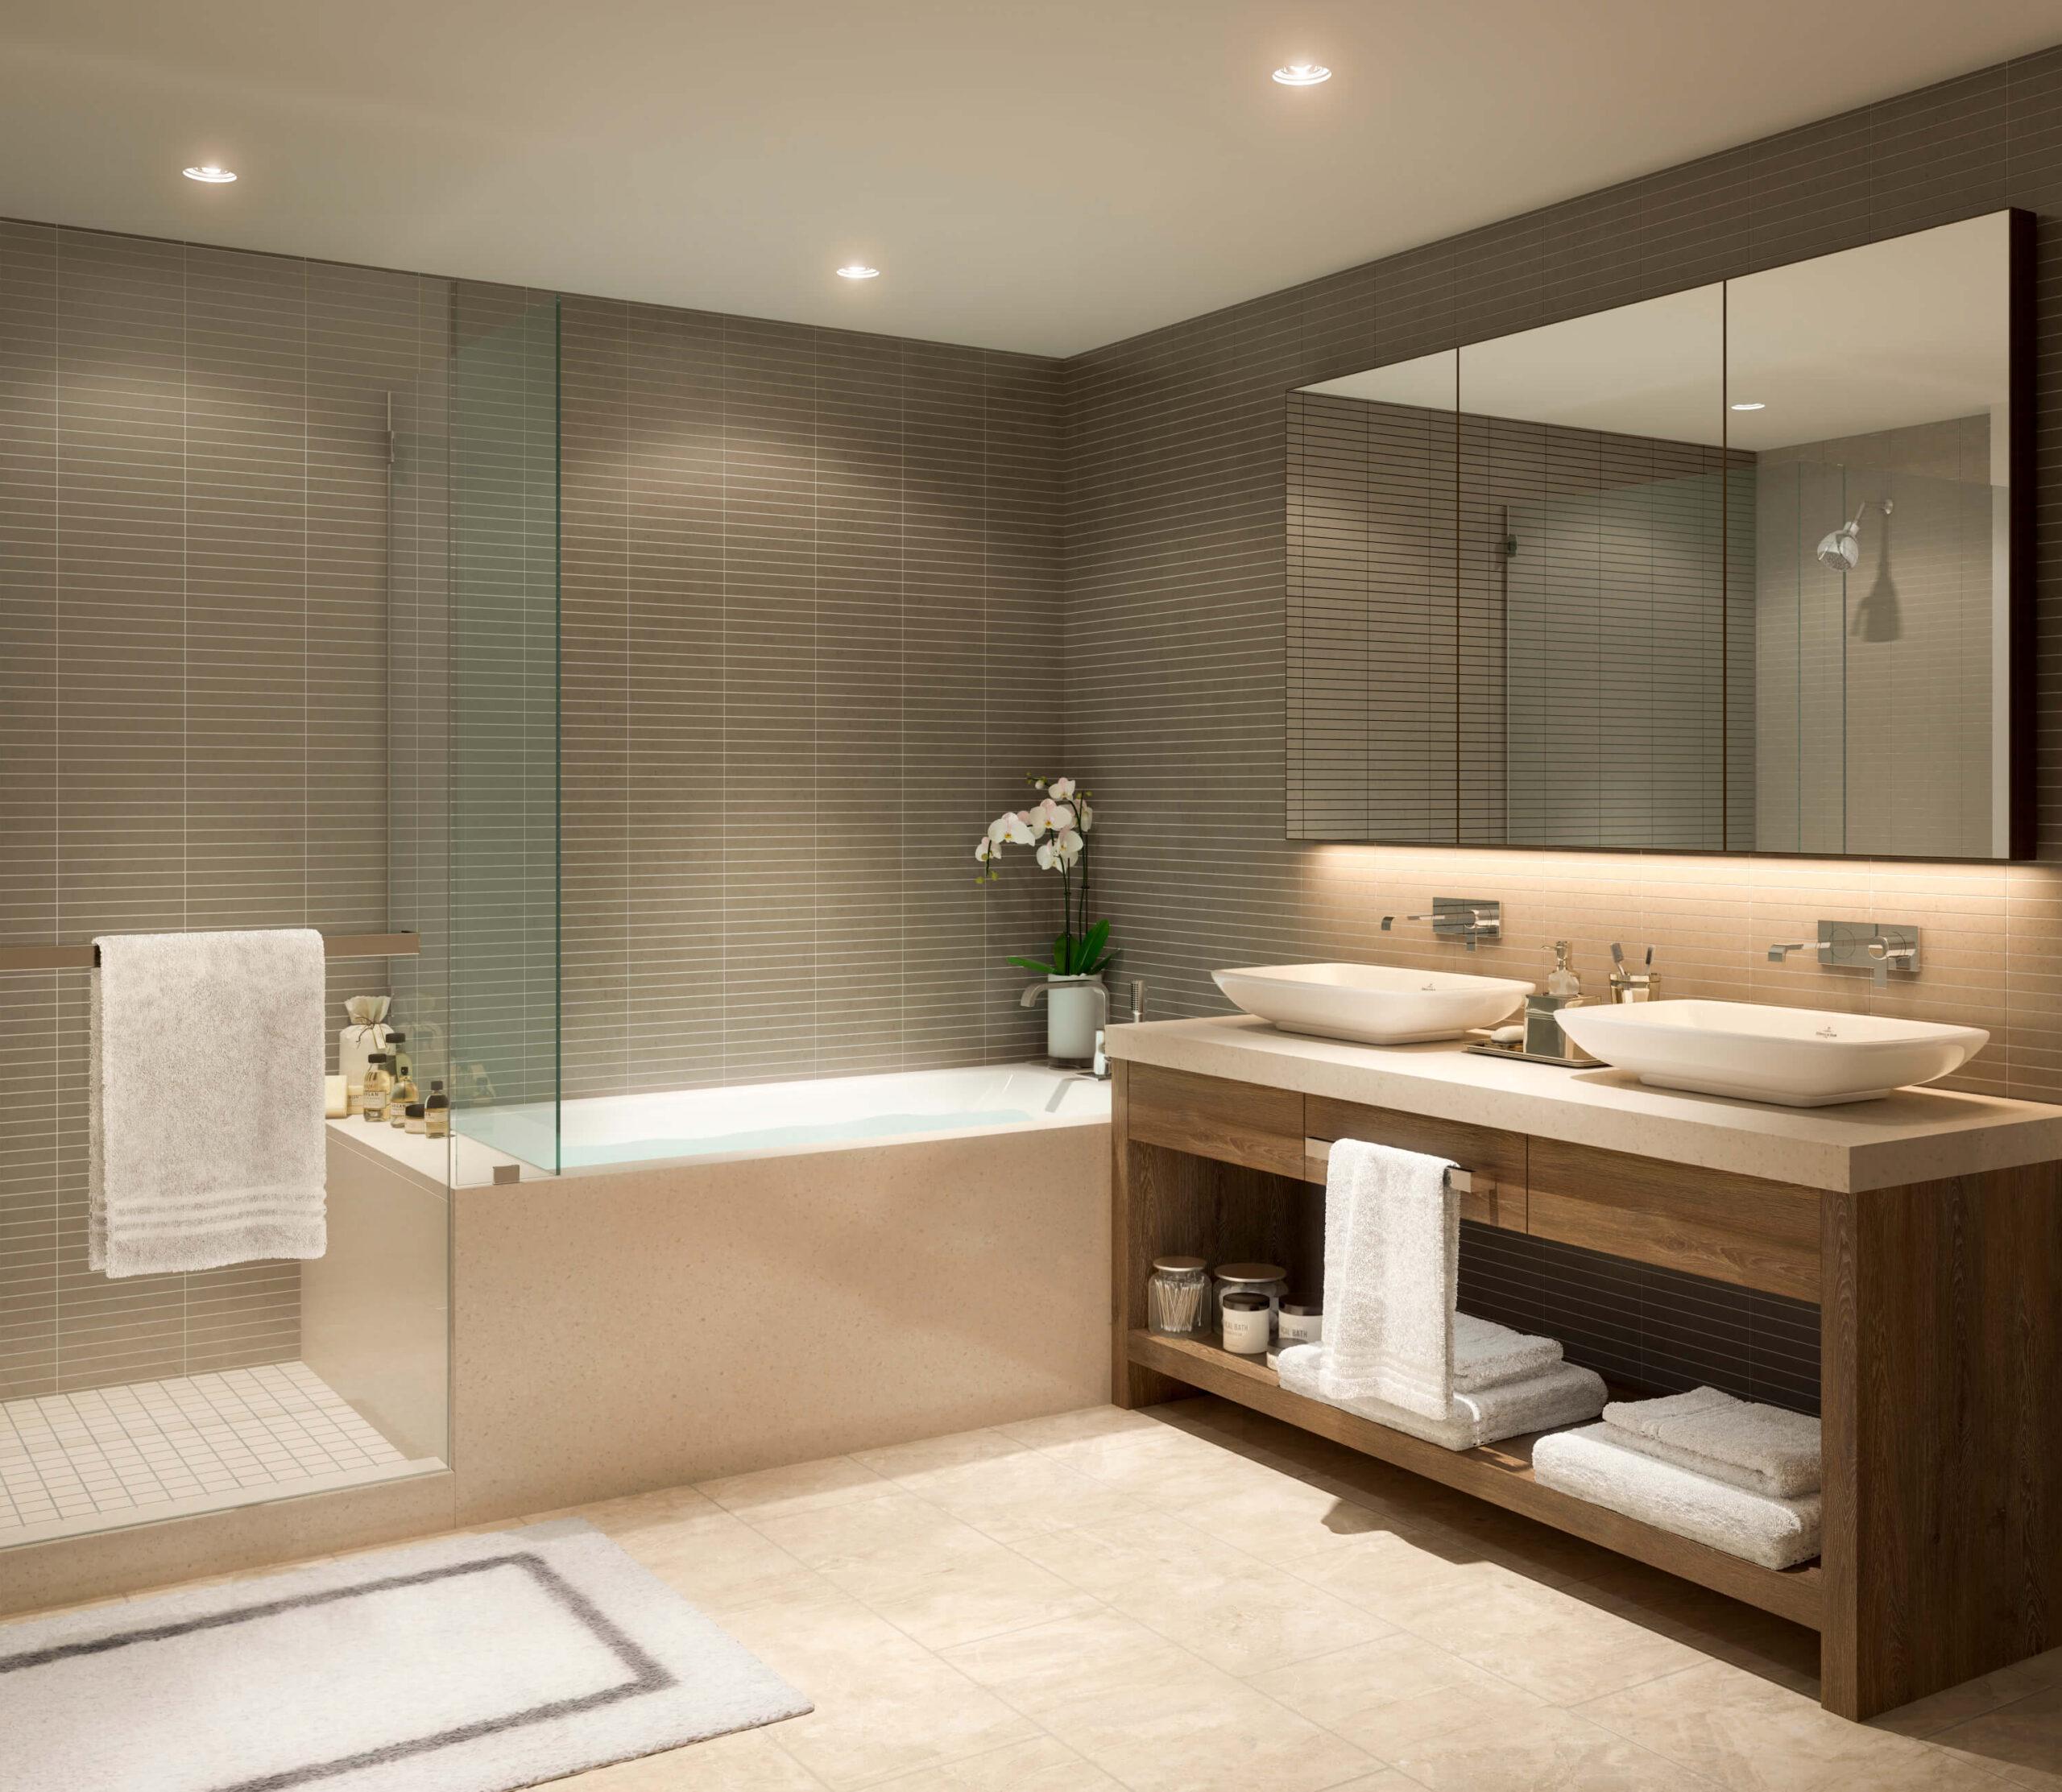 RBS_The_Sawyer_Residence_Bath